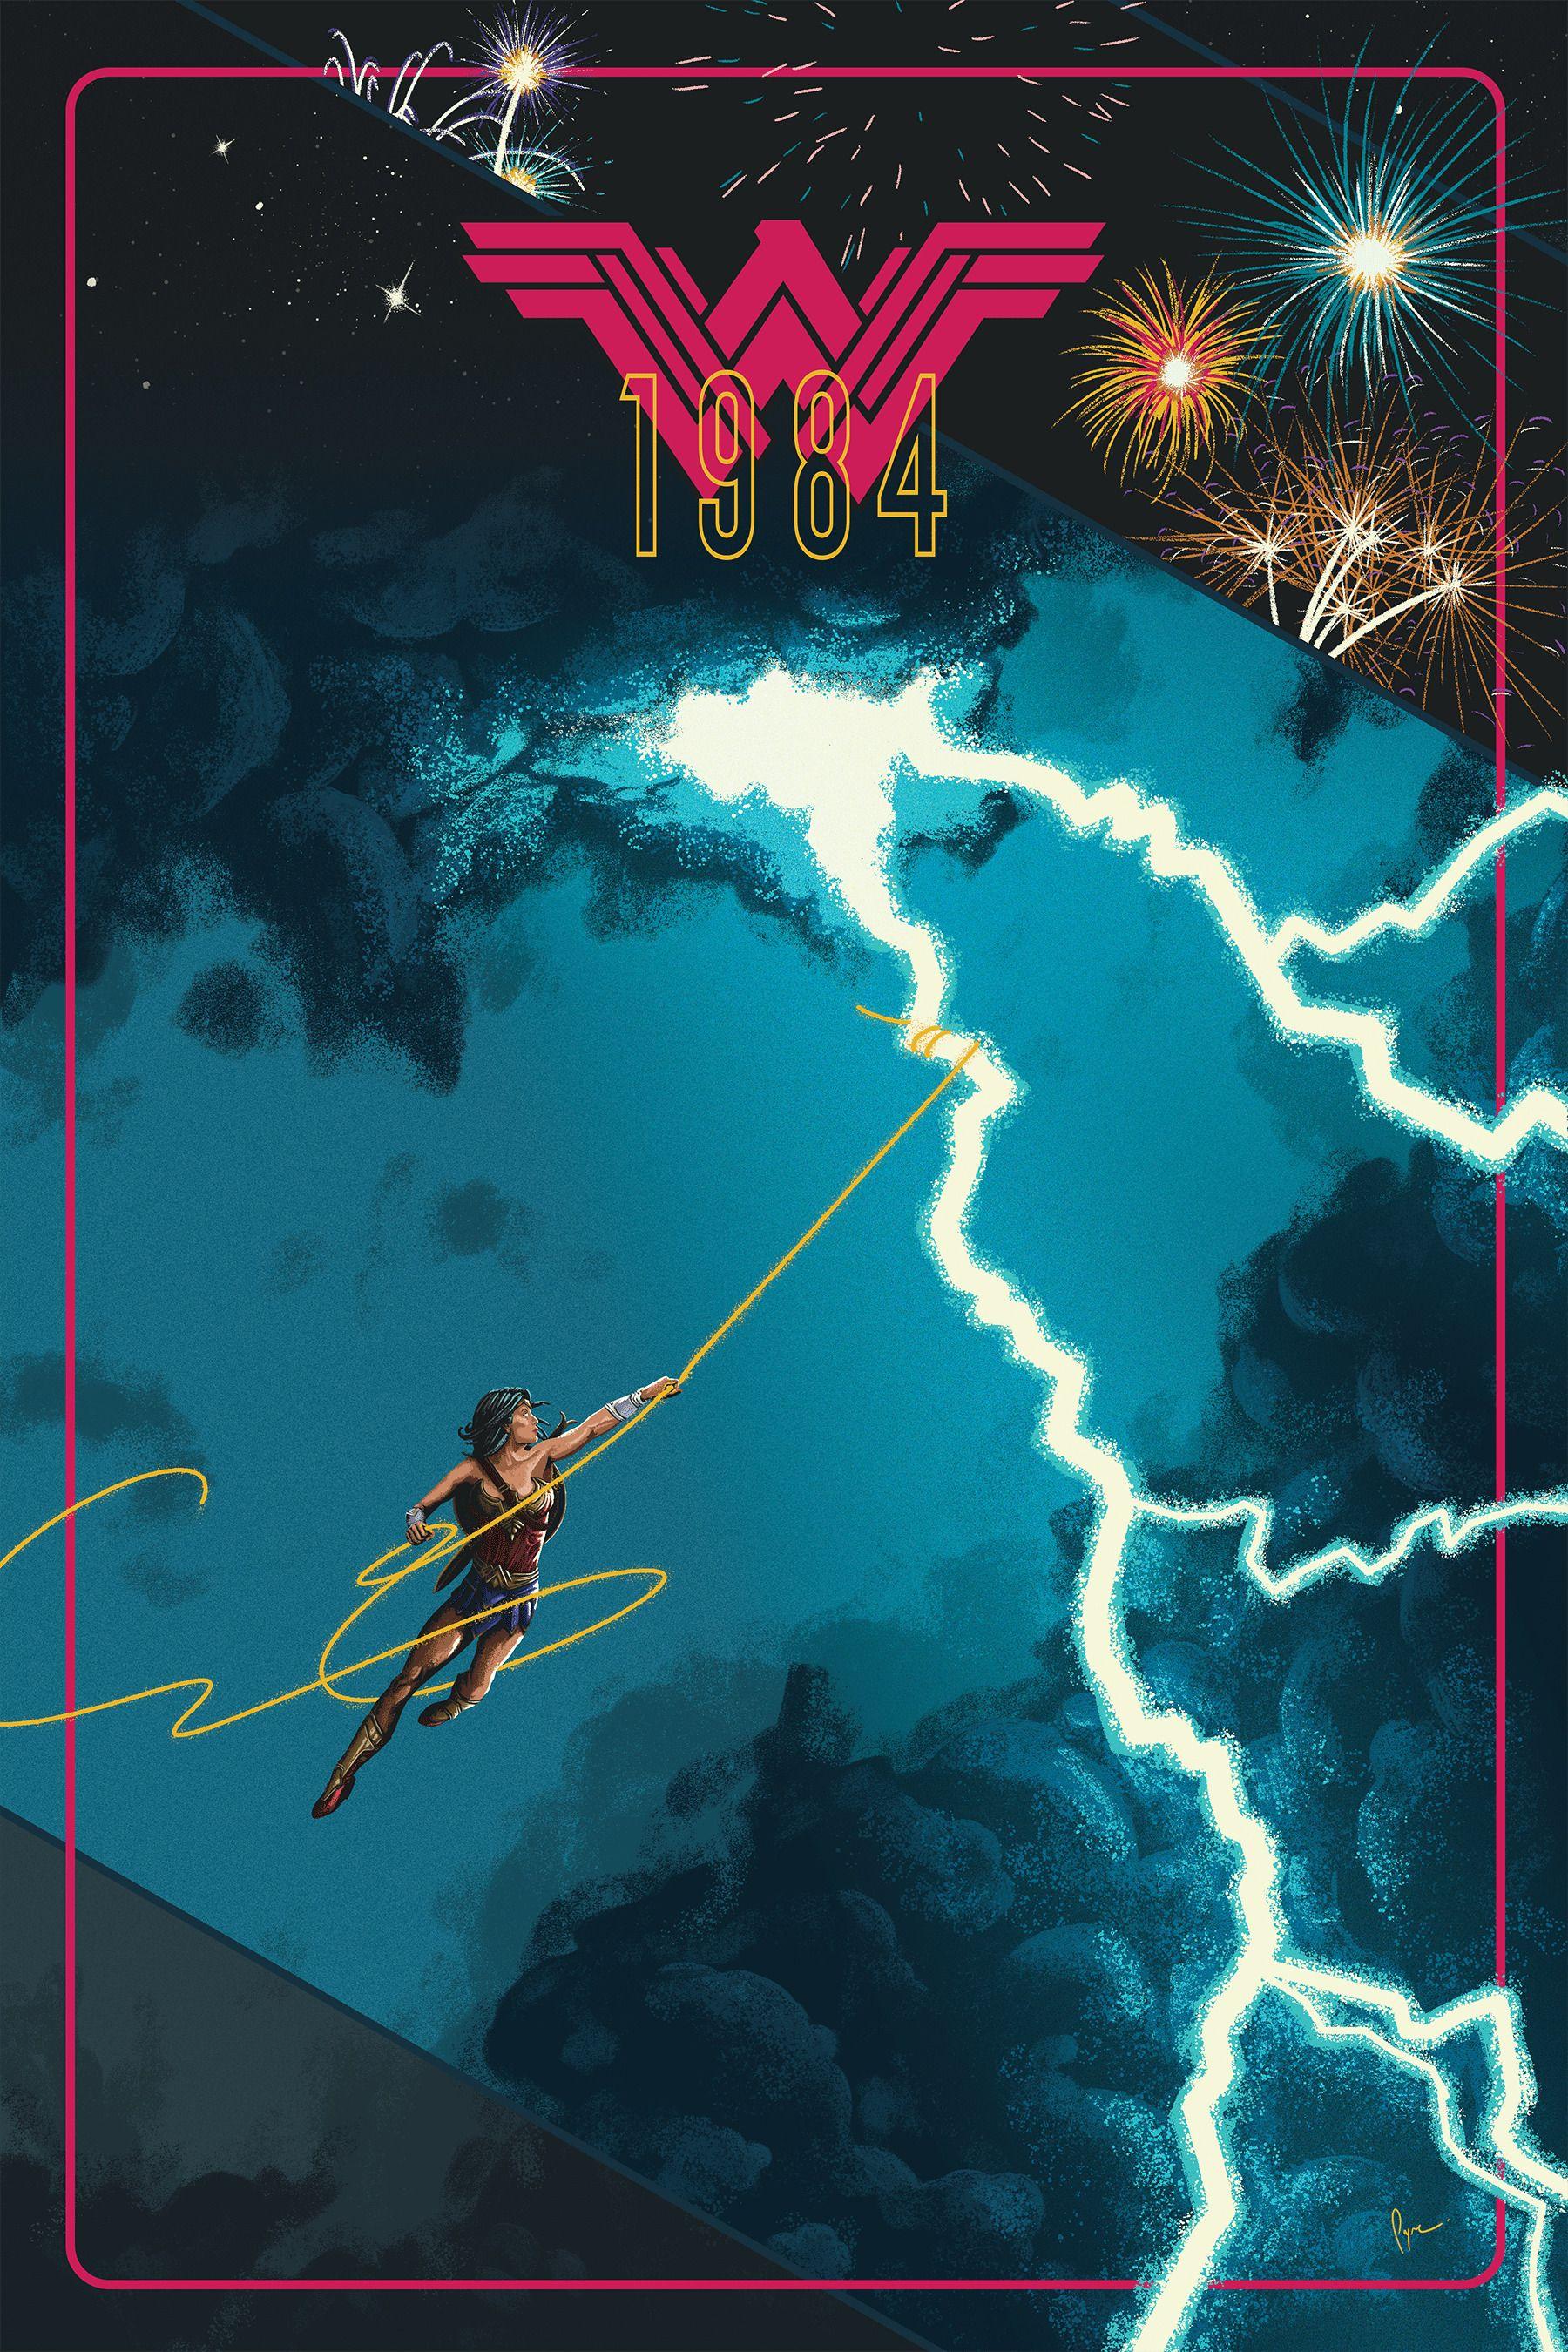 Herochan Wonder Woman 1984 Art By Derek Batman Comics In 2020 Wonder Woman Art Wonder Woman Movie Wonder Woman